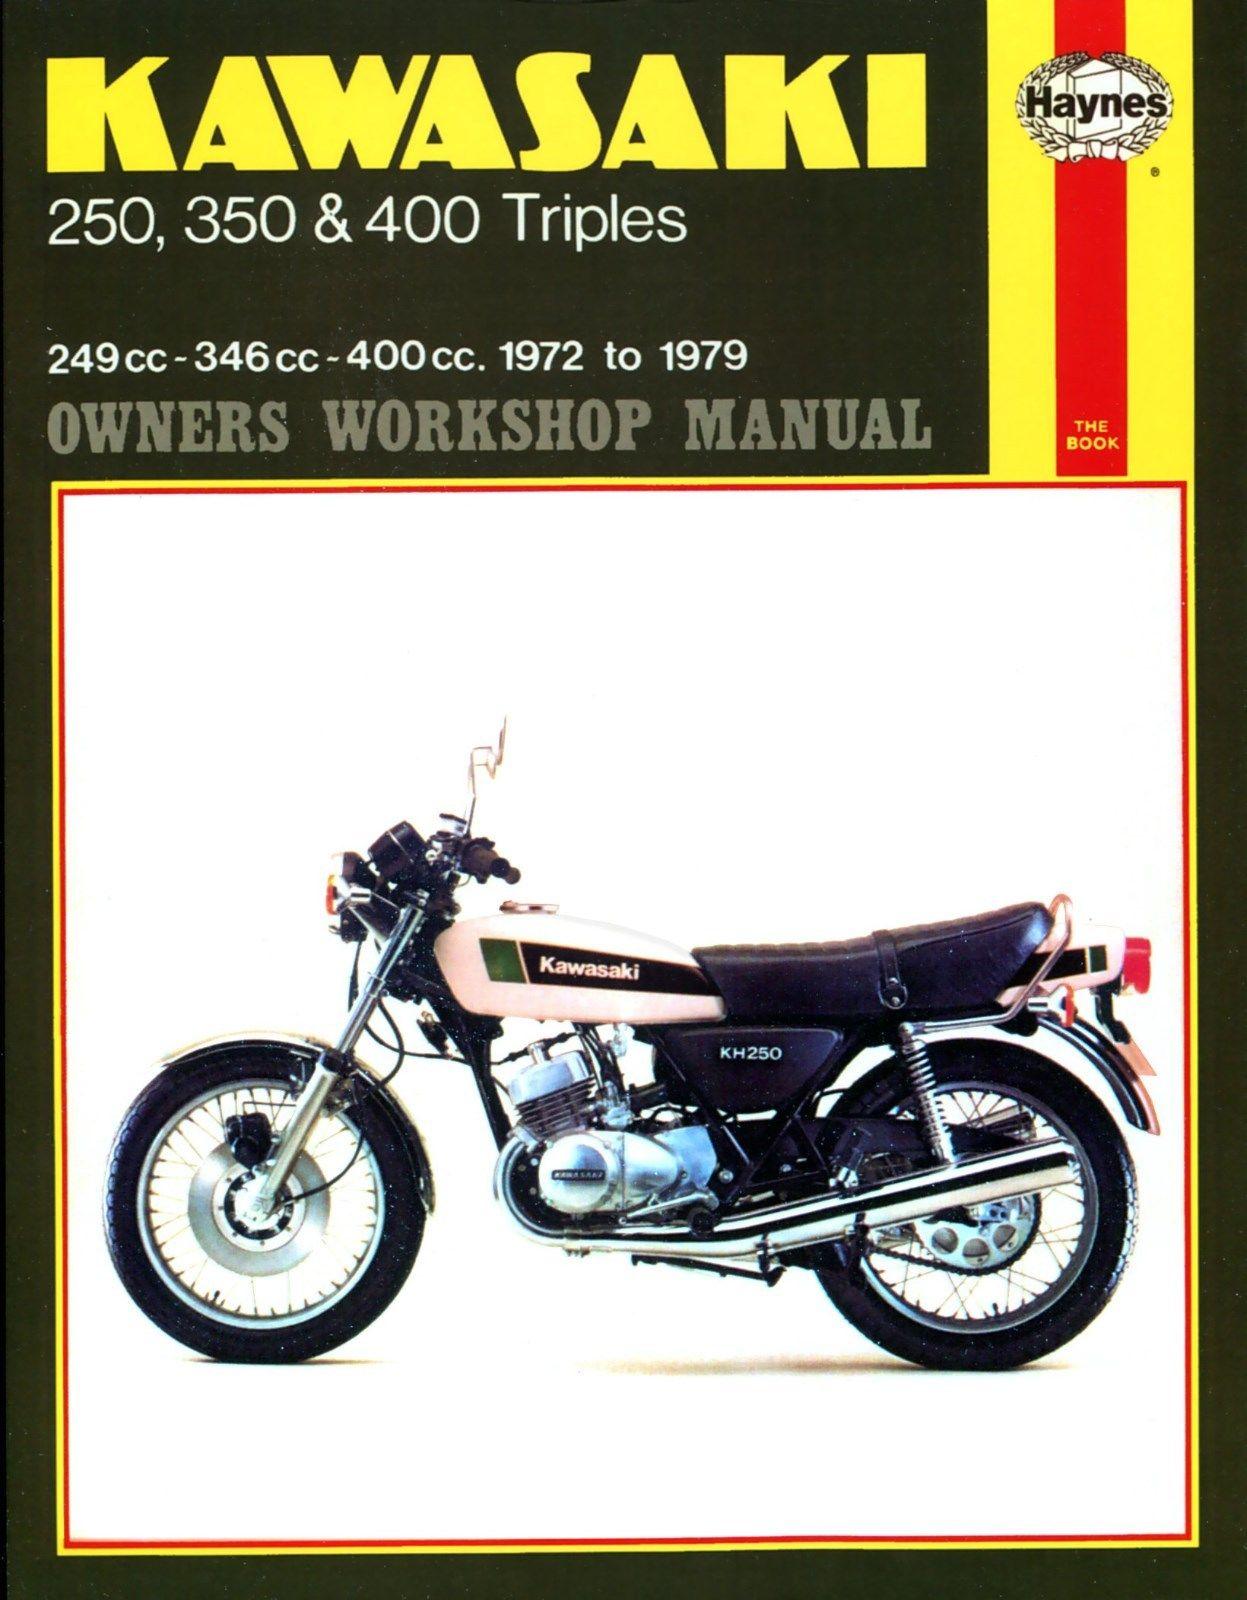 HAYNES MANUAL: KAWASAKI S1, S2, S3, KH250, KH350, KH400 1972